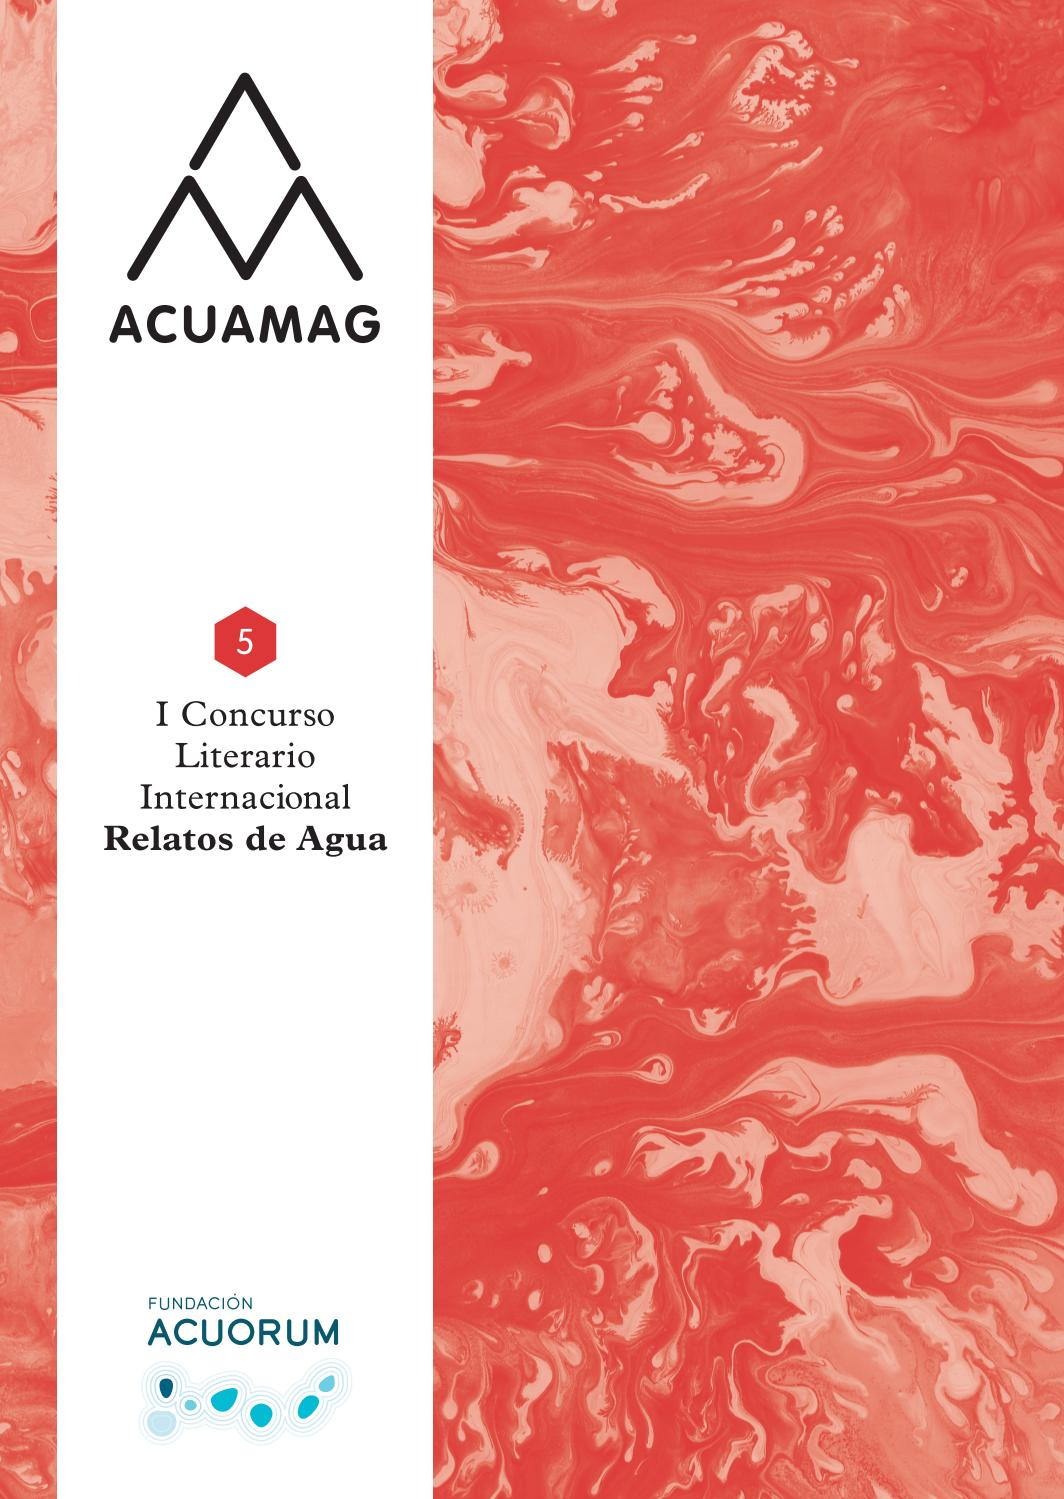 AcuaMag 5 by Fundación Acuorum - issuu